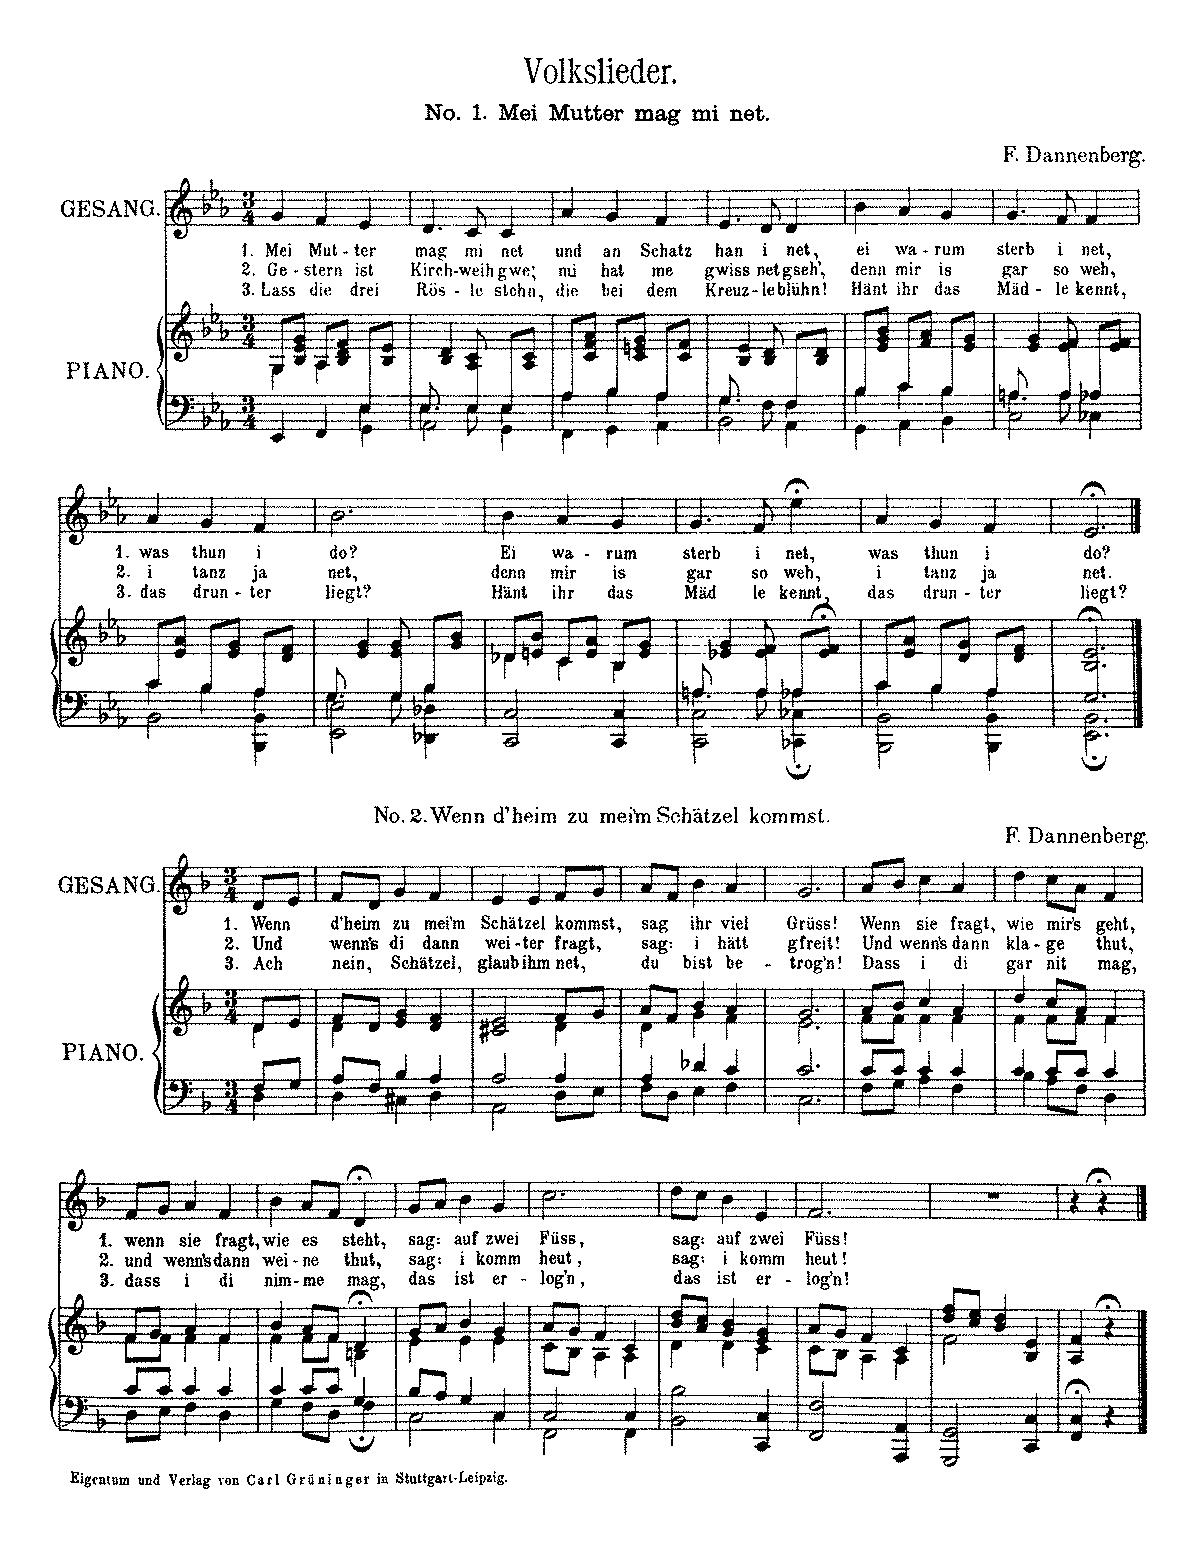 Das kostenlose Online-Liederbuch